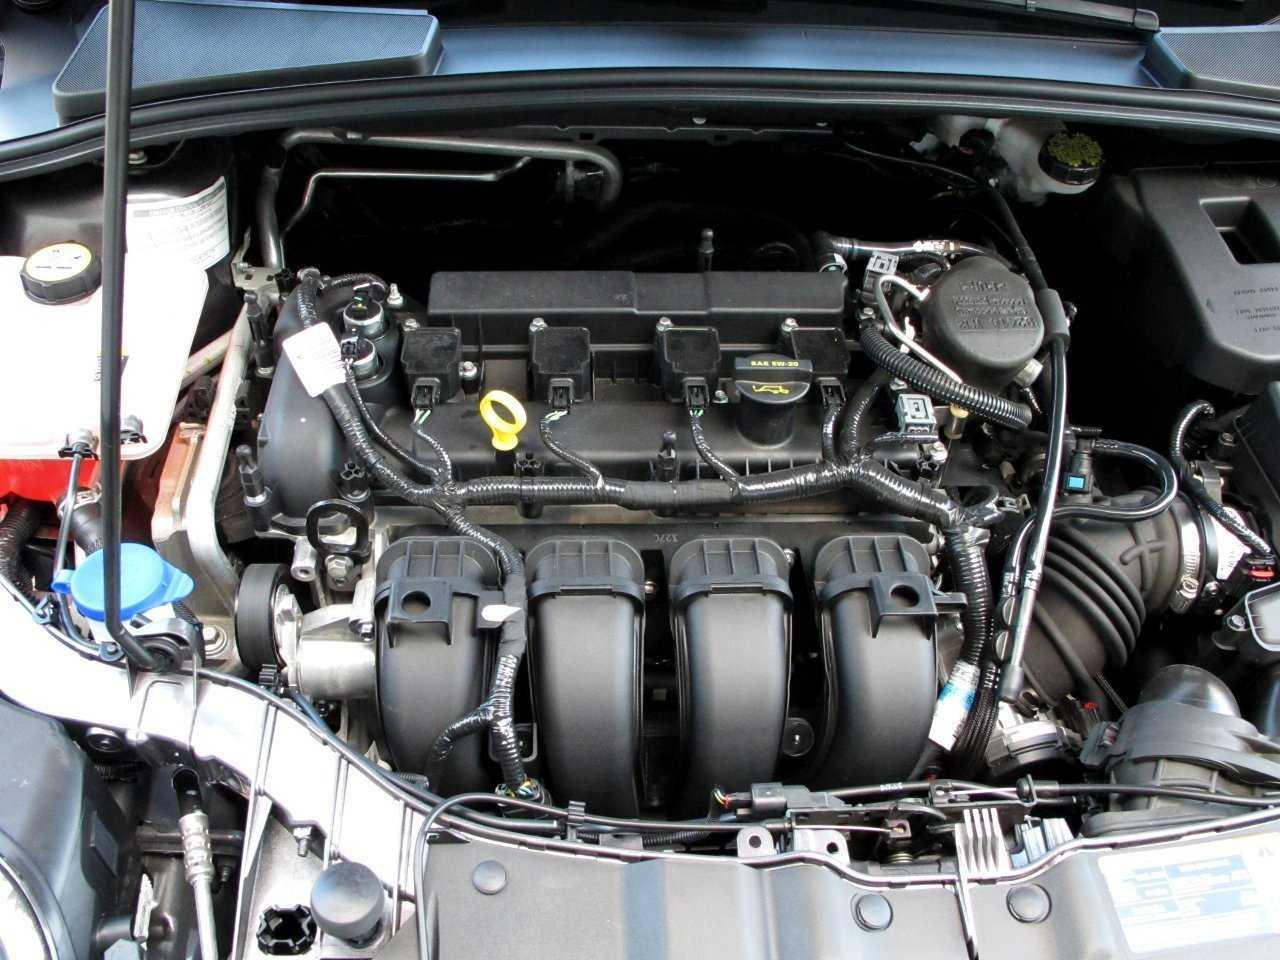 Замена помпы форд фокус 1, 2, 3: как поменять, почему свистит » автоноватор